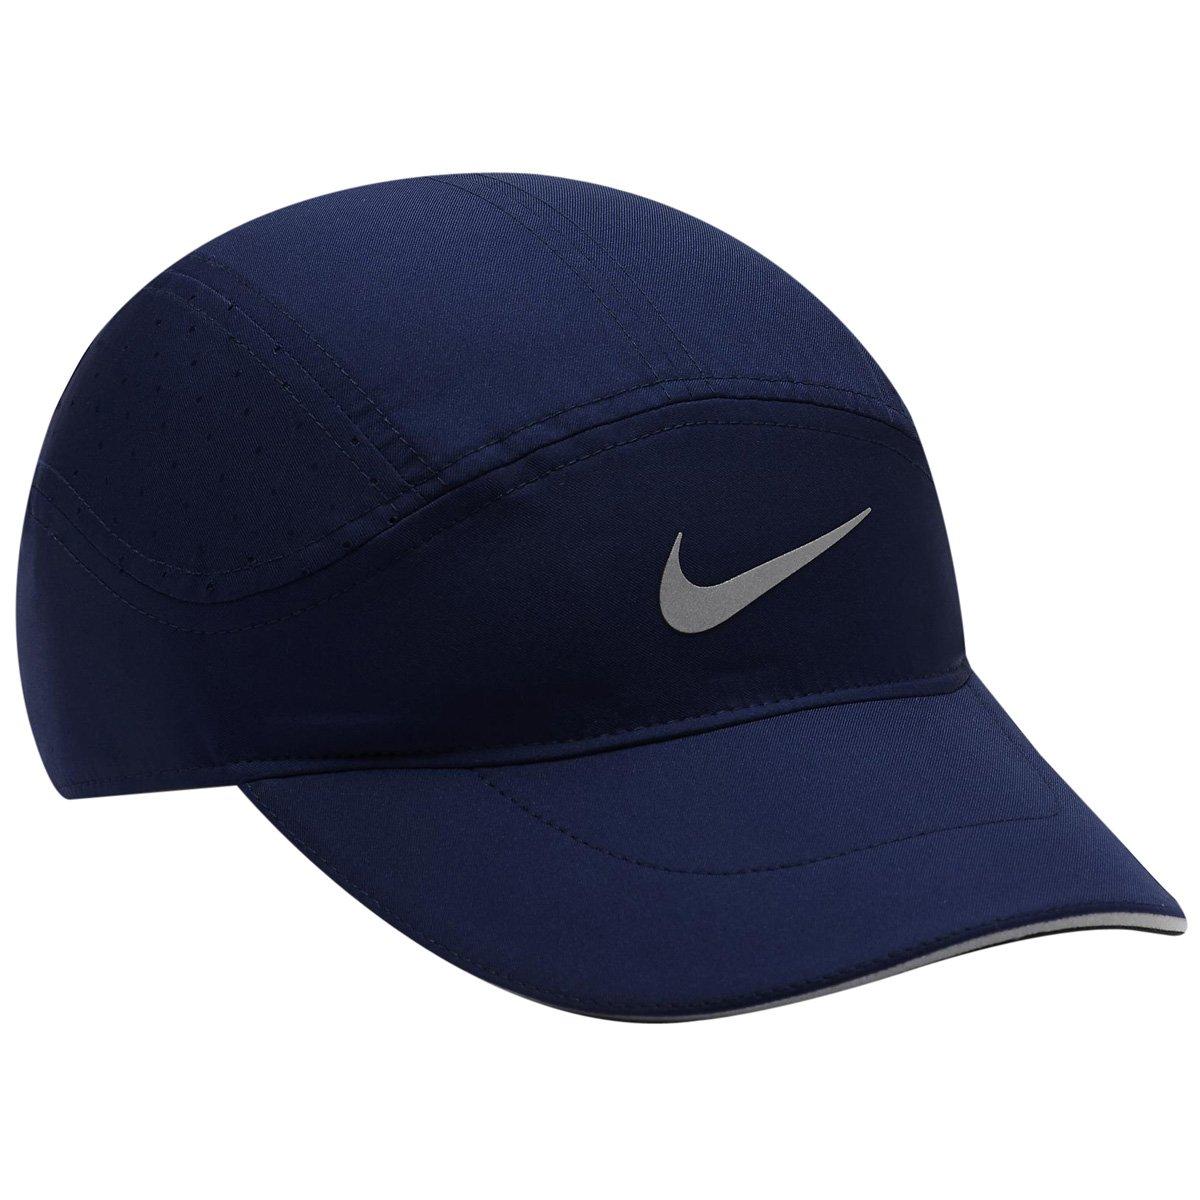 Boné Nike Aerobill Twilight Elite 828617-429 - - Calçados Online ... 83147e5c6f3